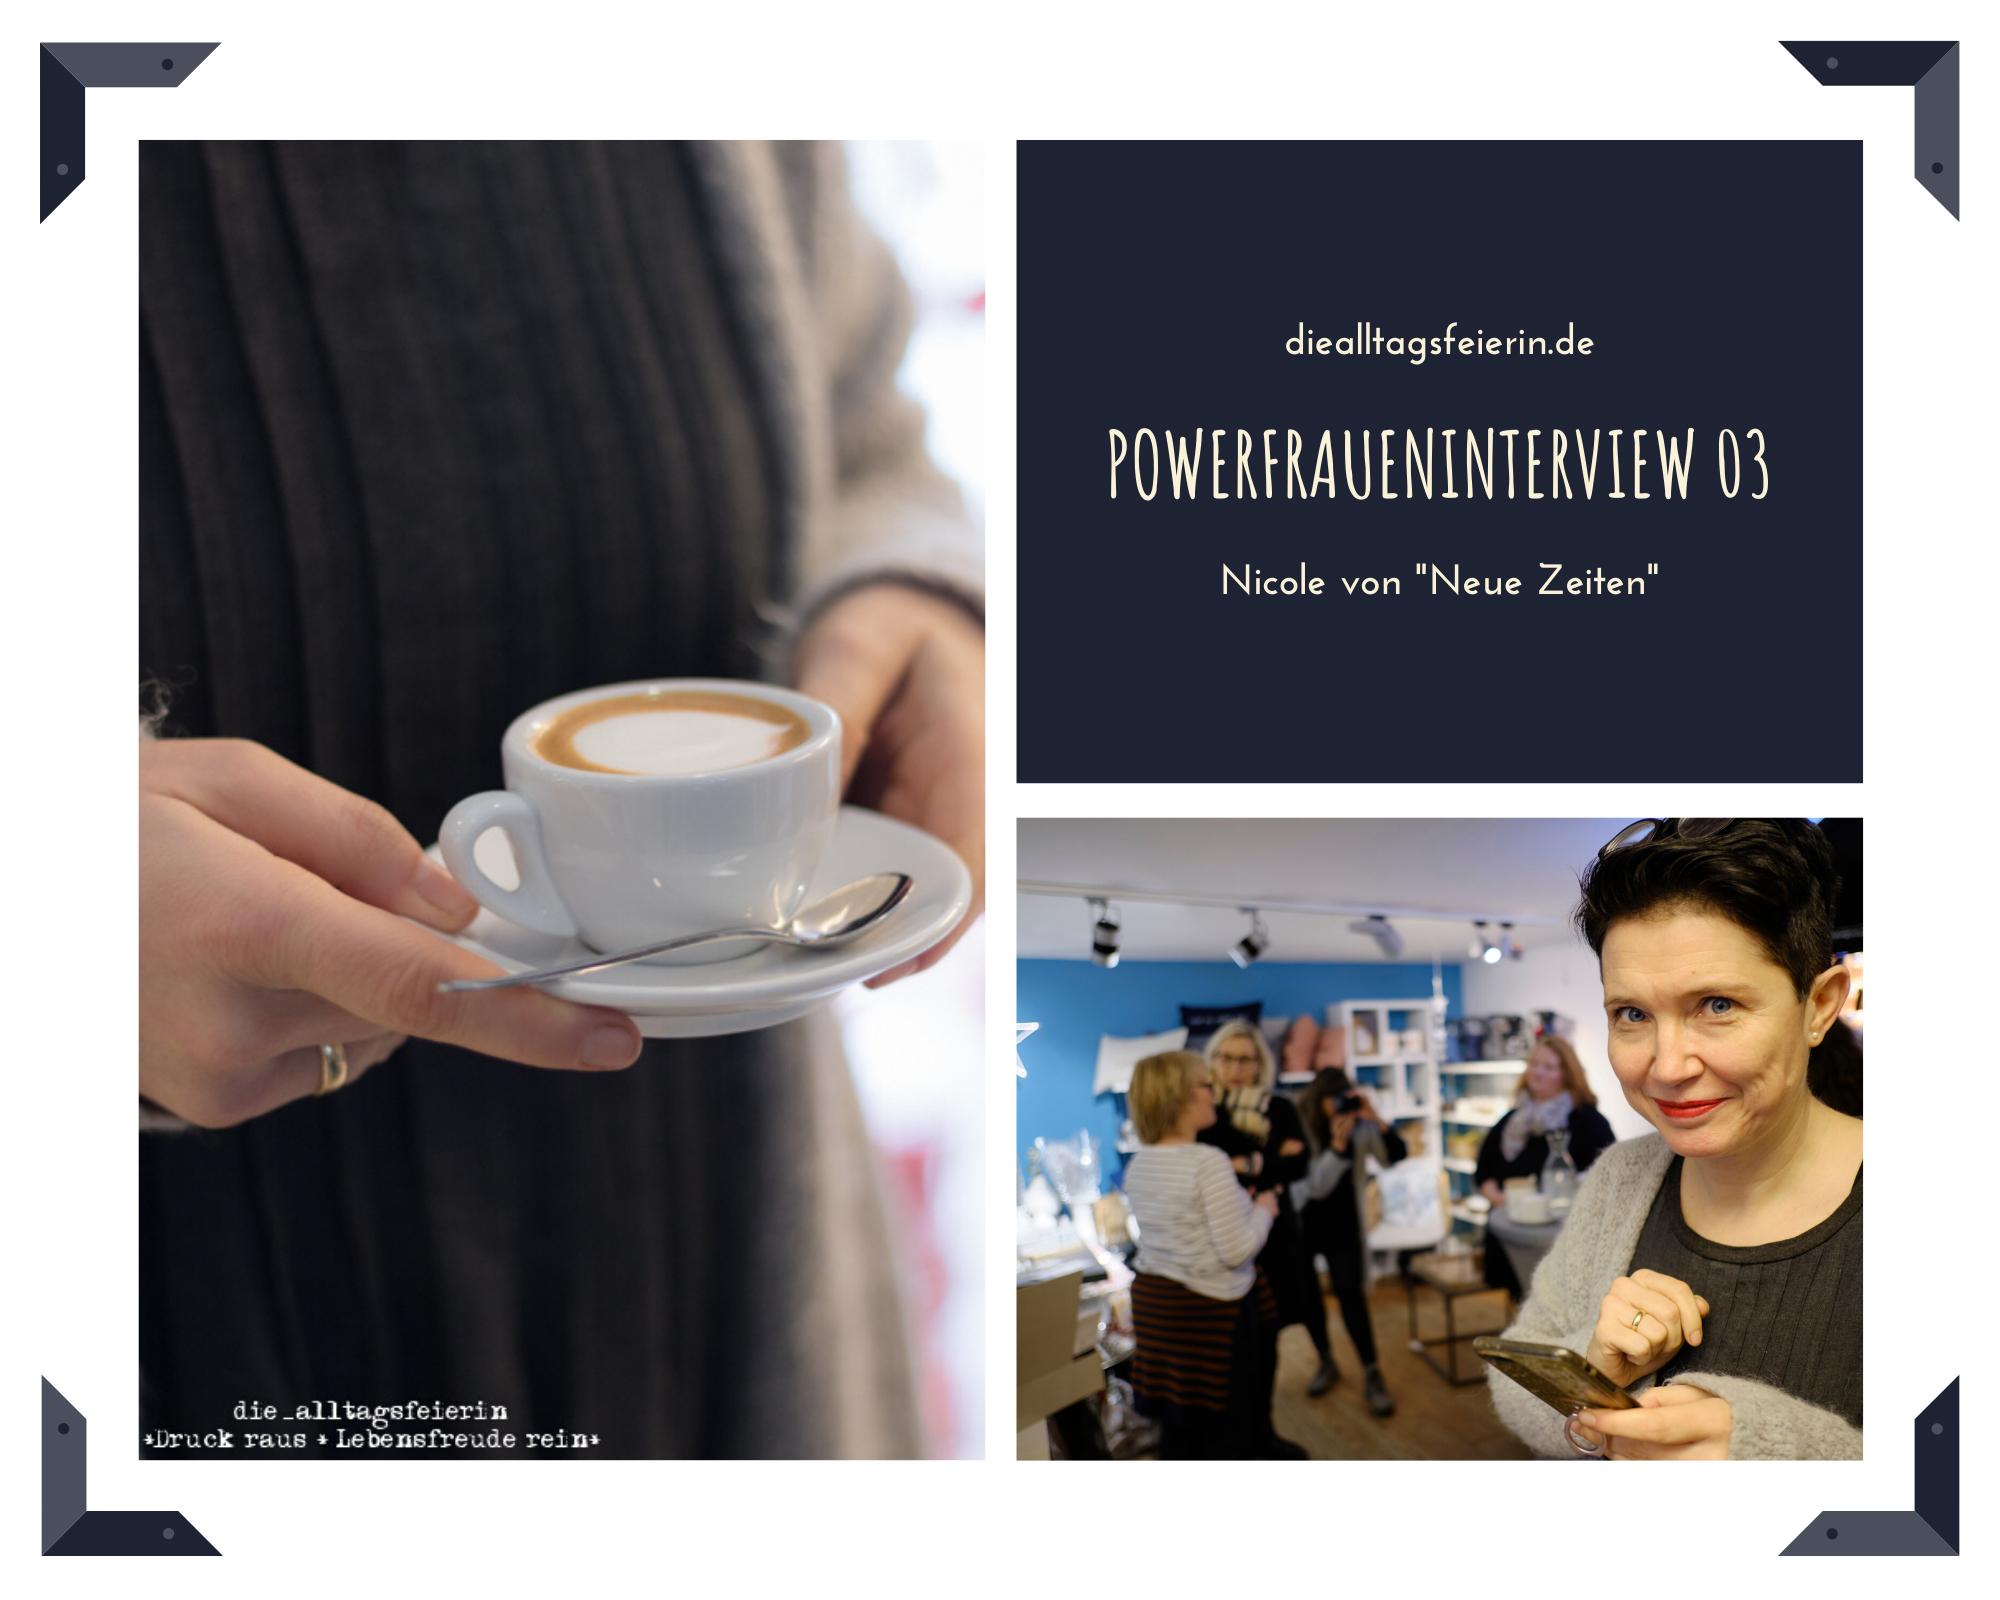 Nicole Kirschner, Neue Zeiten Rheda-Wiedenbrück, Powerfrauen-Interview 03, diealltagsfeierin.de